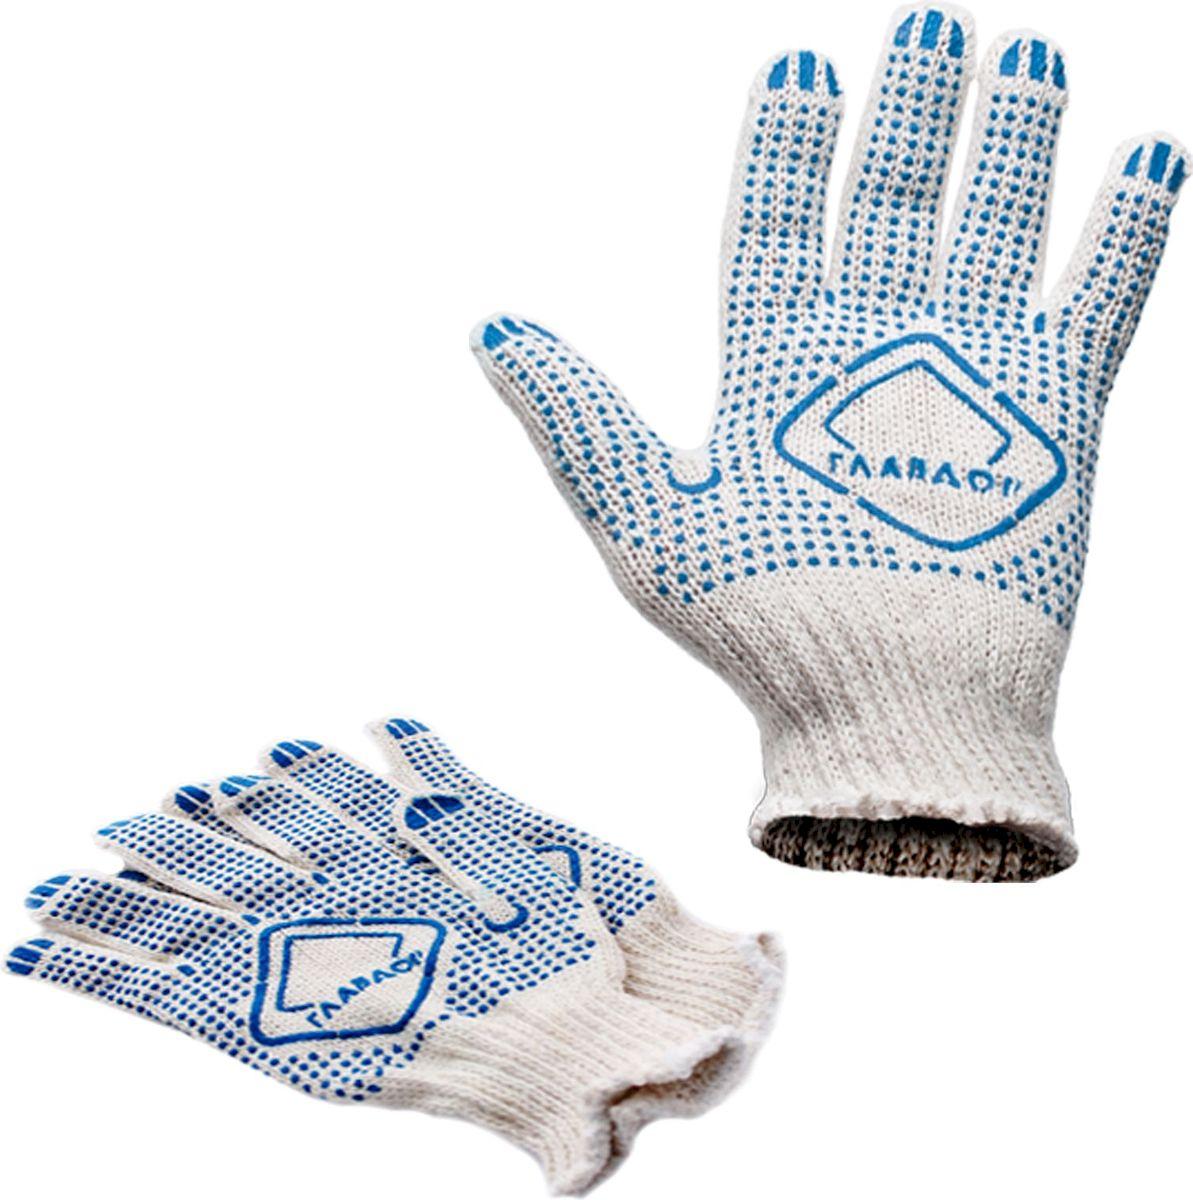 Перчатки защитные Главдор, из 4-х ниток, цвет: белый в точку. GL-106GL-106Классические перчатки для проведения ремонтных и прочих работ, для защиты рук от загрязнений.